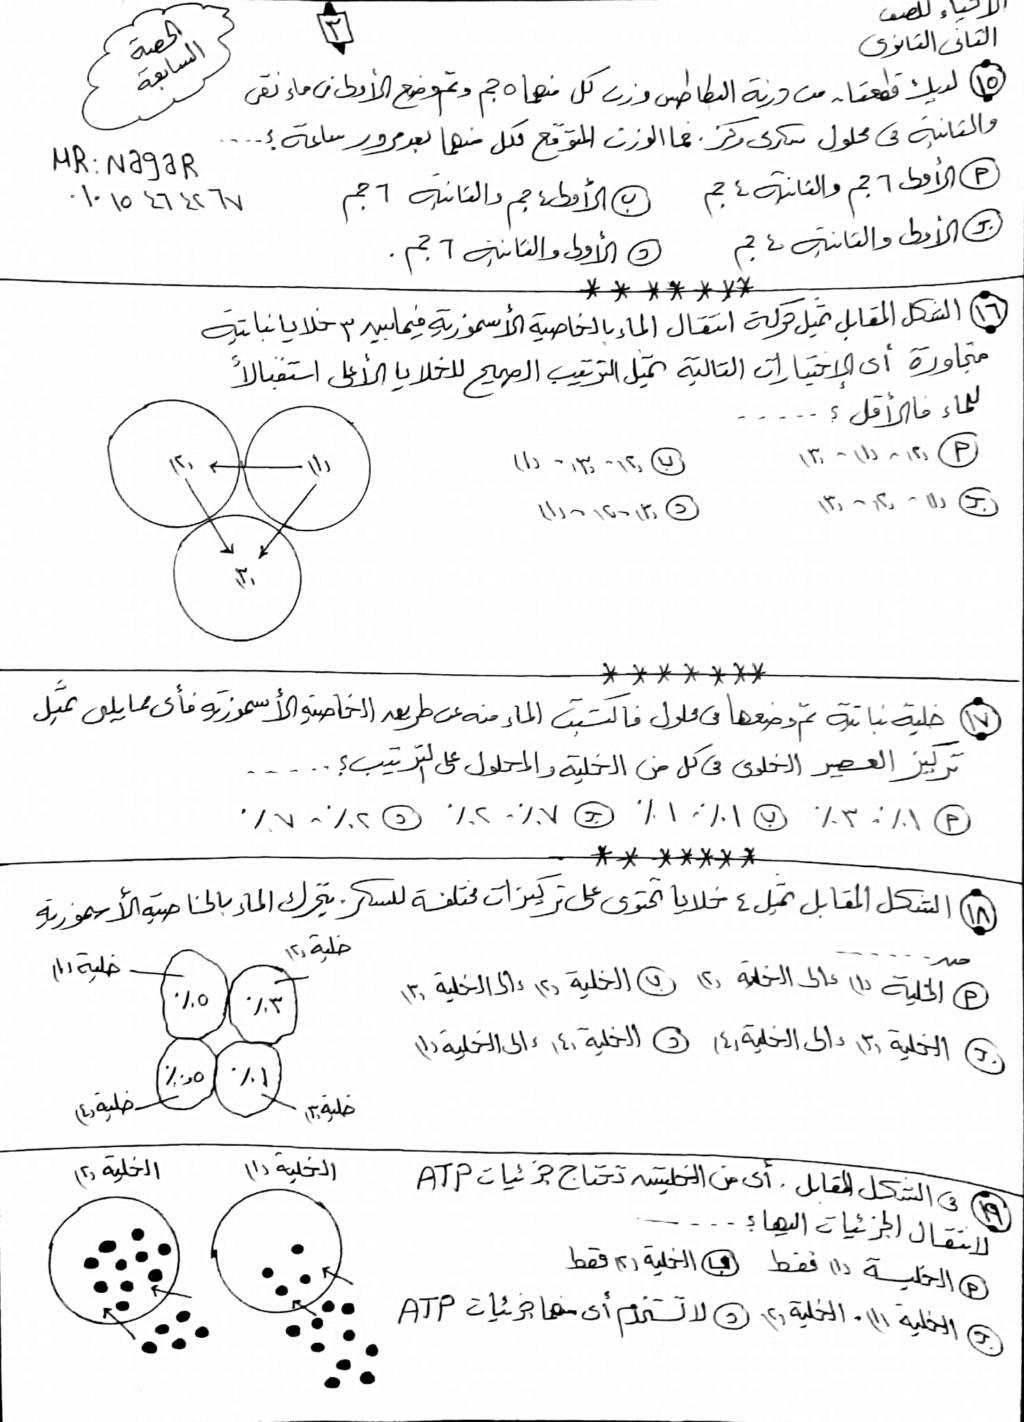 إمتحان شامل على الفصل الأول - احياء 2 ثانوي نظام جديد بالحل 31268